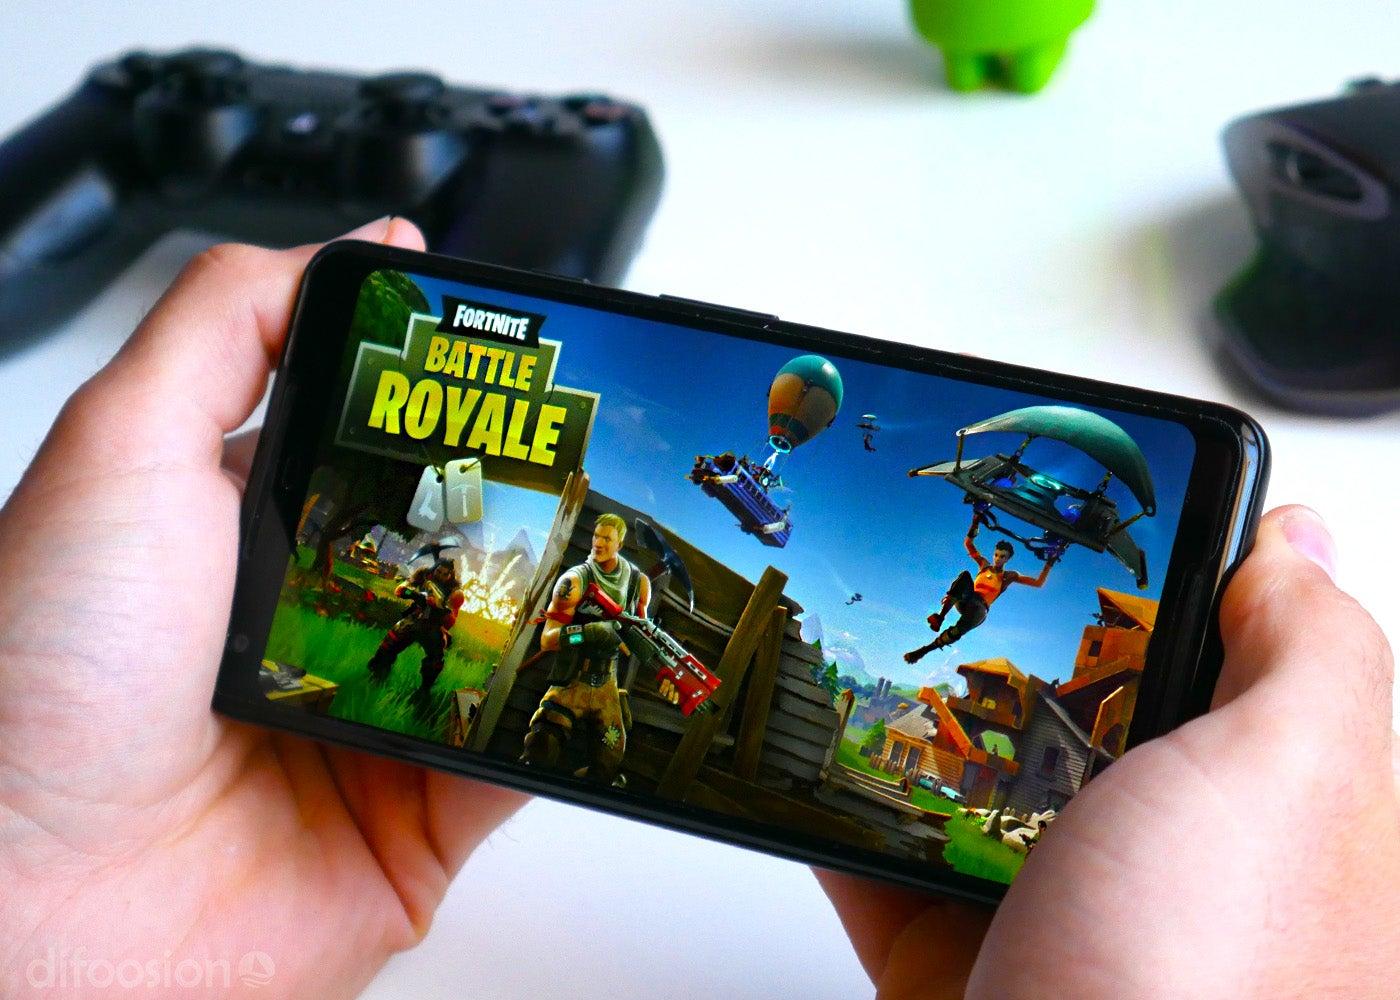 Fortnite für Android wurde aktualisiert: Unterstützung für neue Handys und Voice-Chat